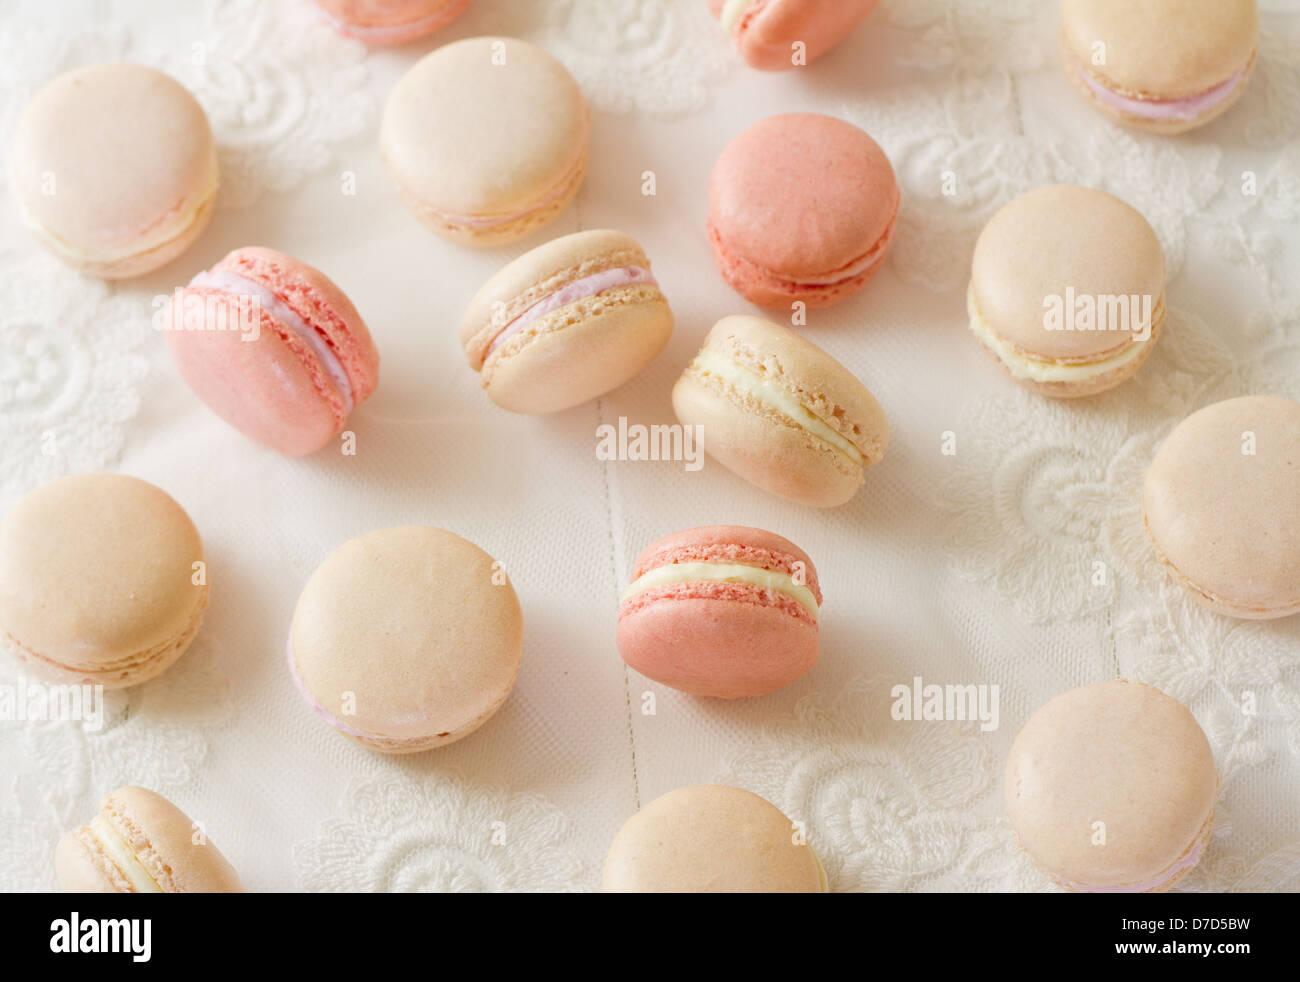 Assortimento di mandorla francese macarons su legno bianco, parte di una serie. Immagini Stock